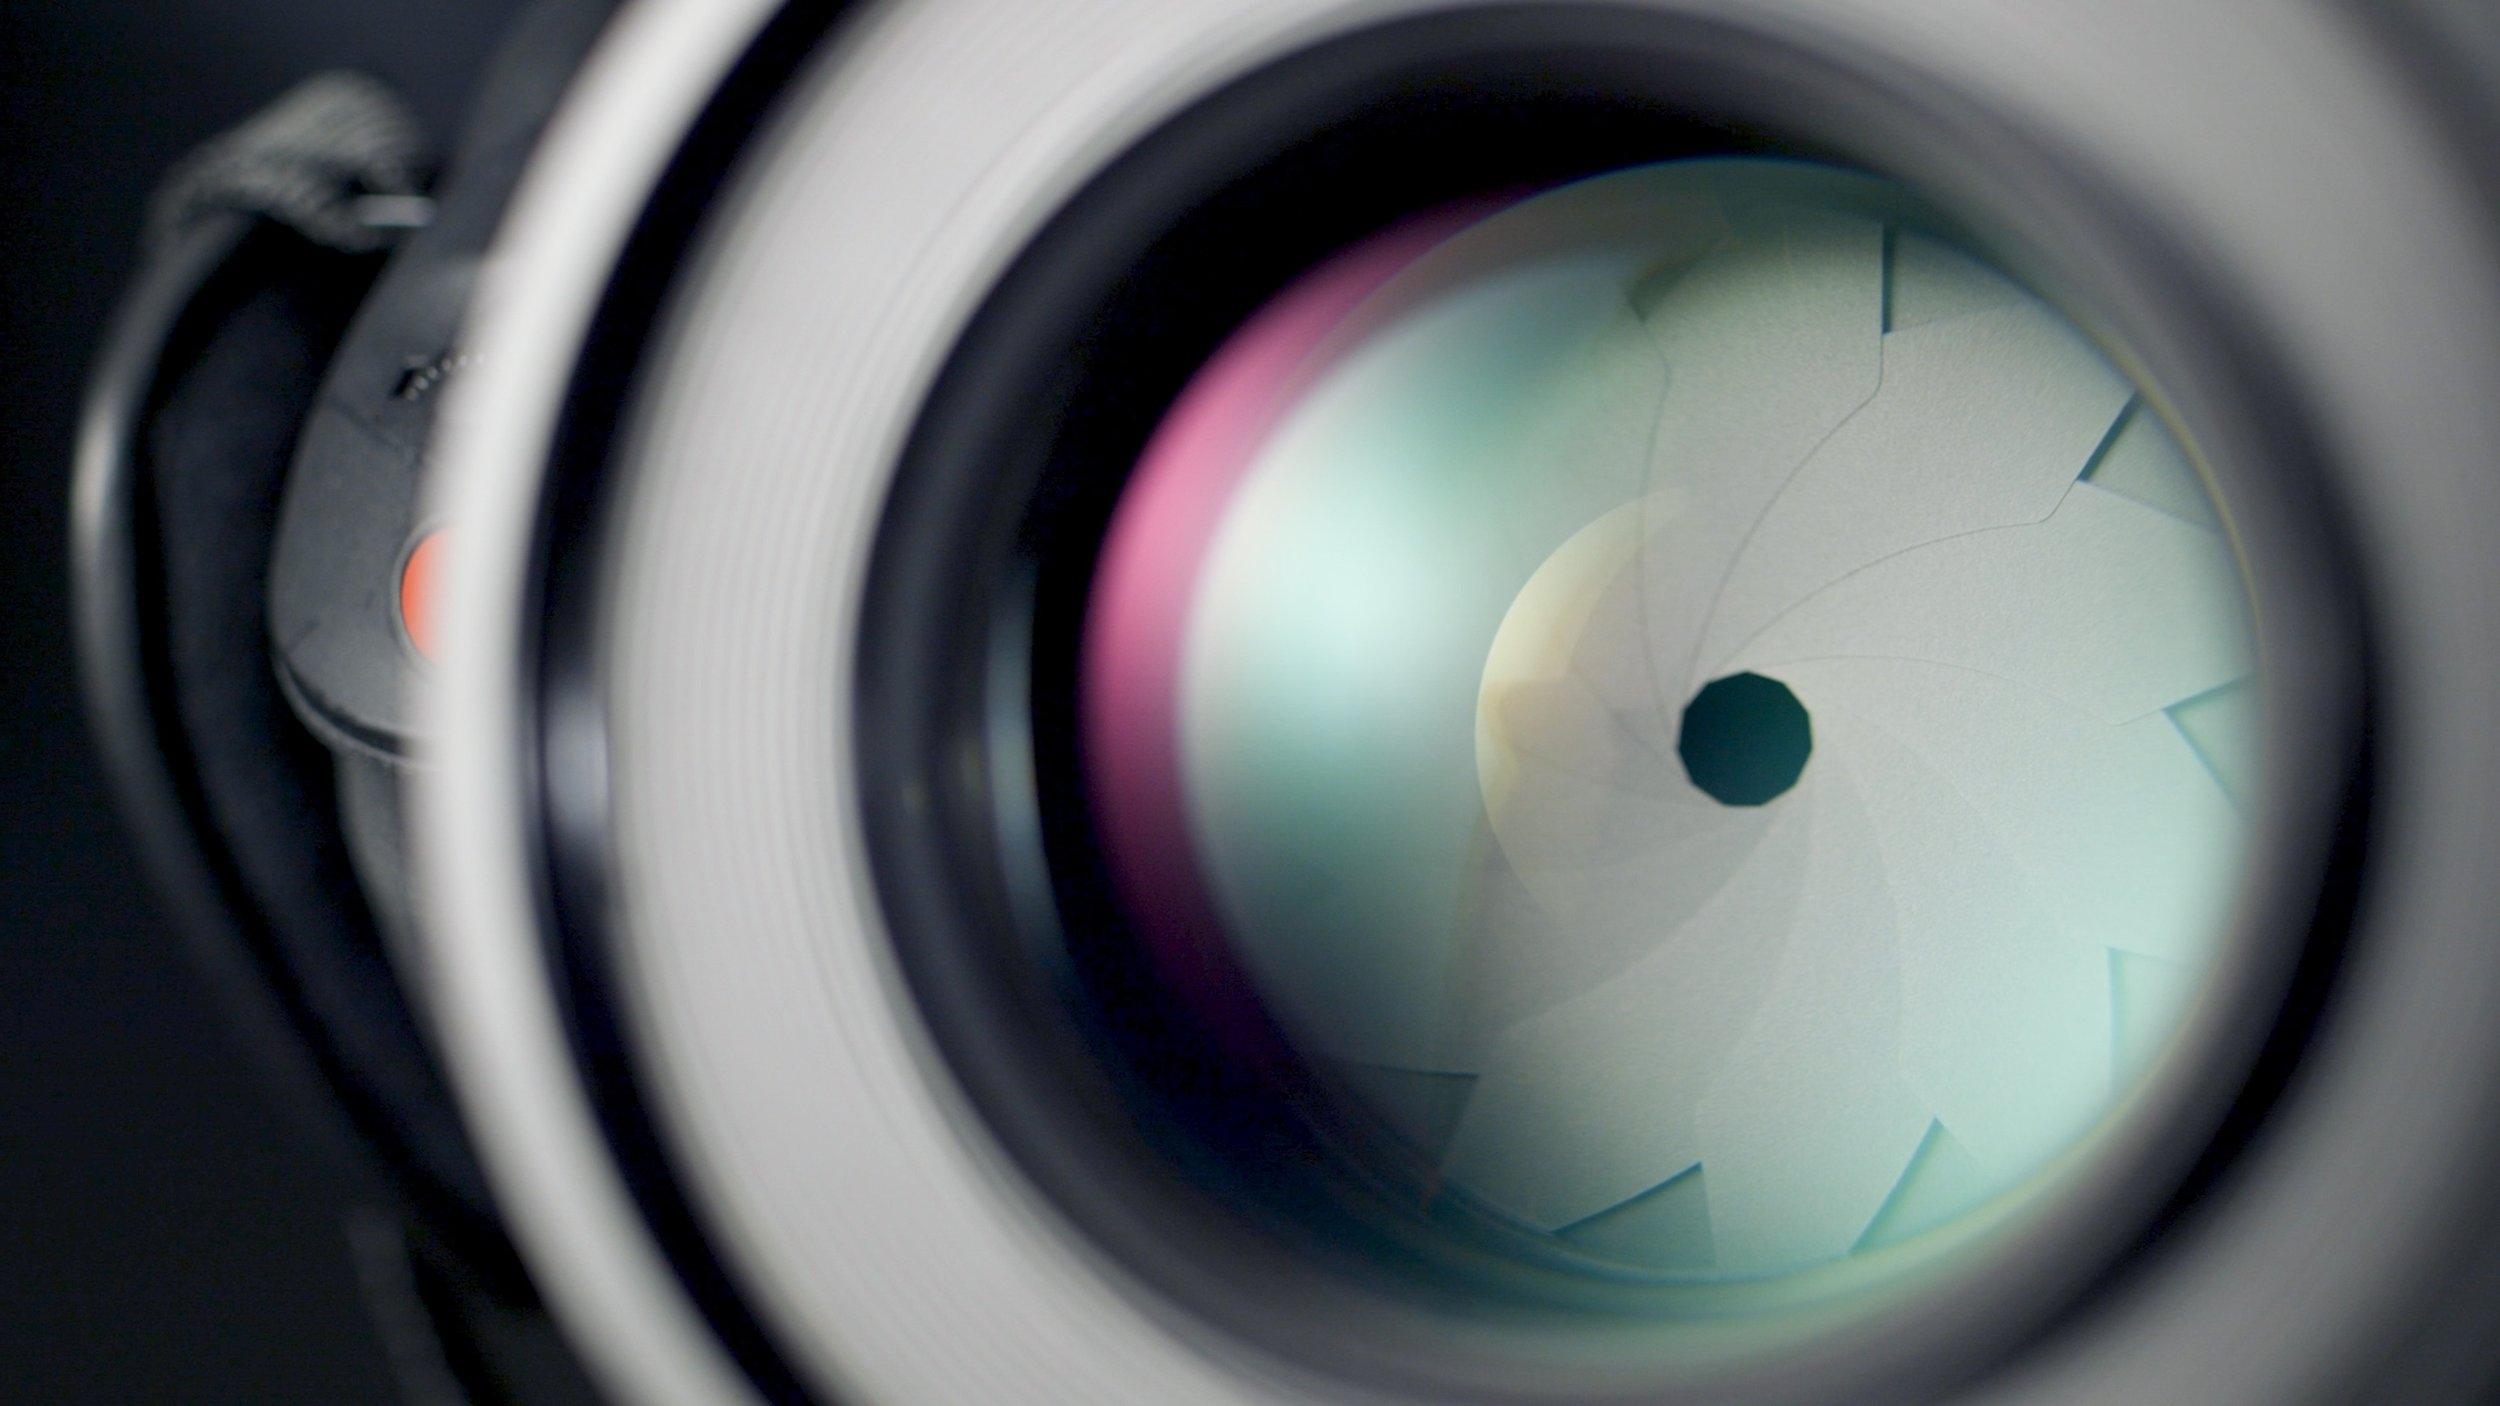 aperture mode in dslr camera